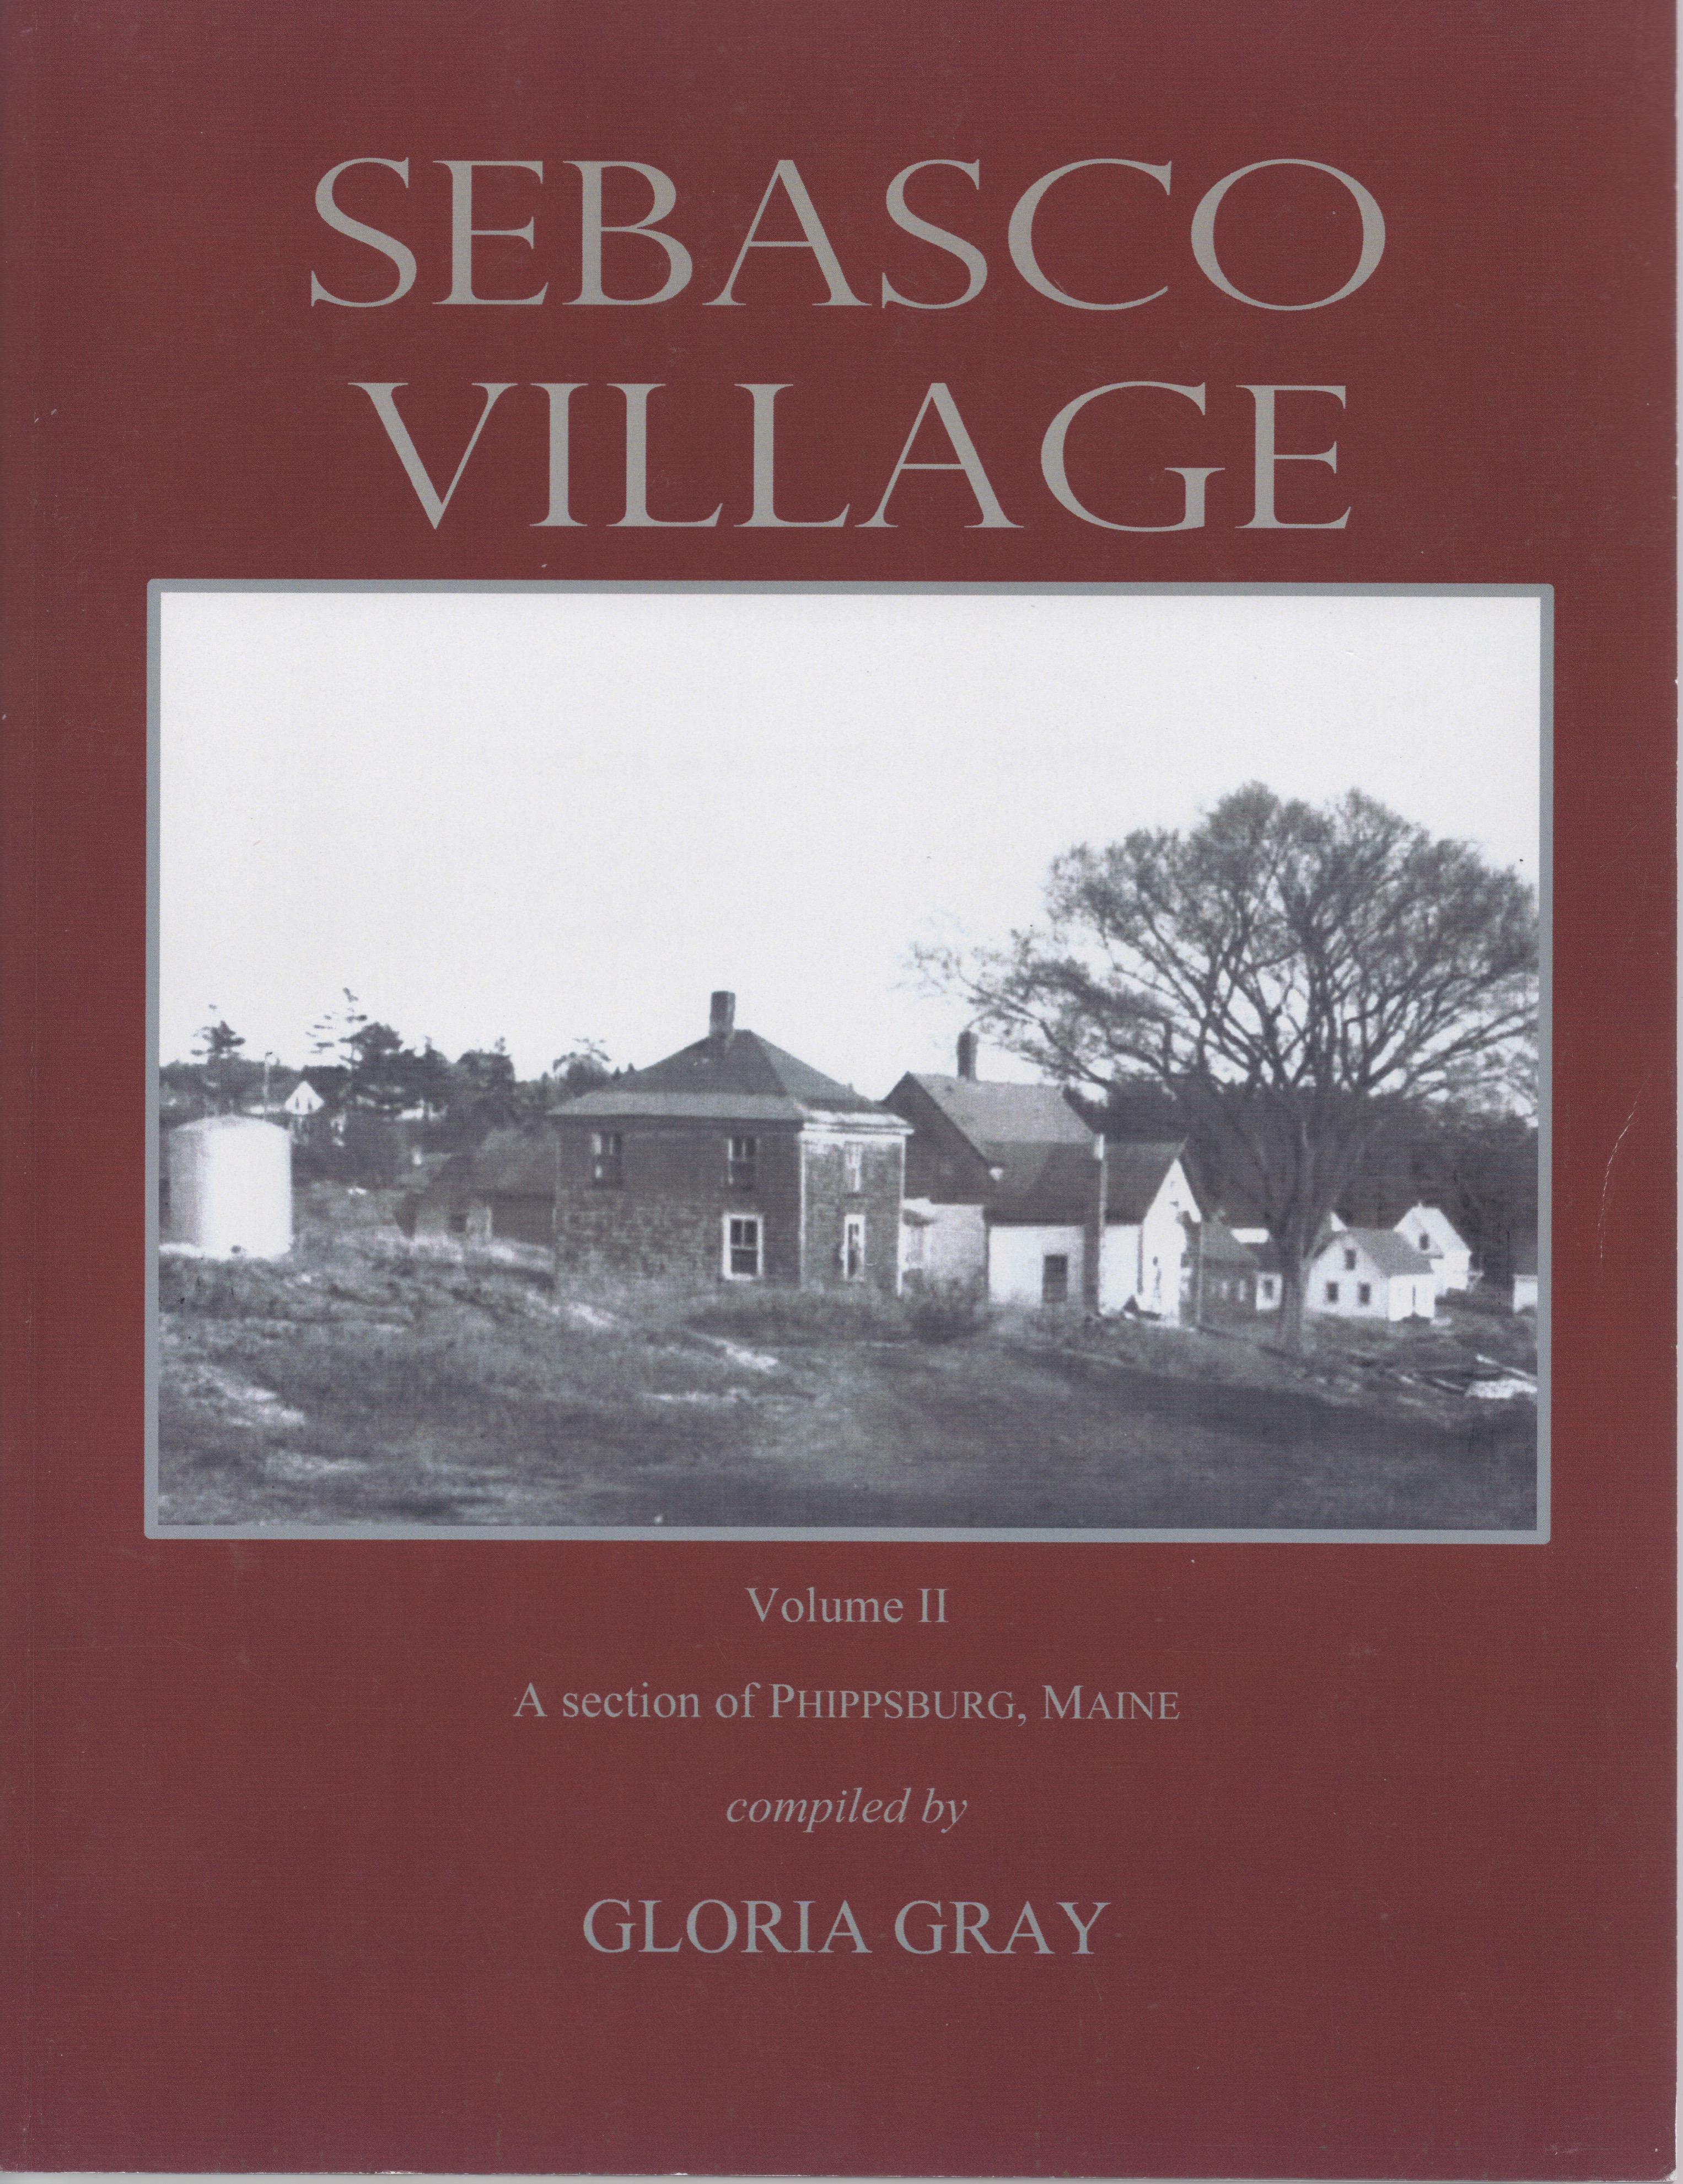 Sebasco Village Volume II